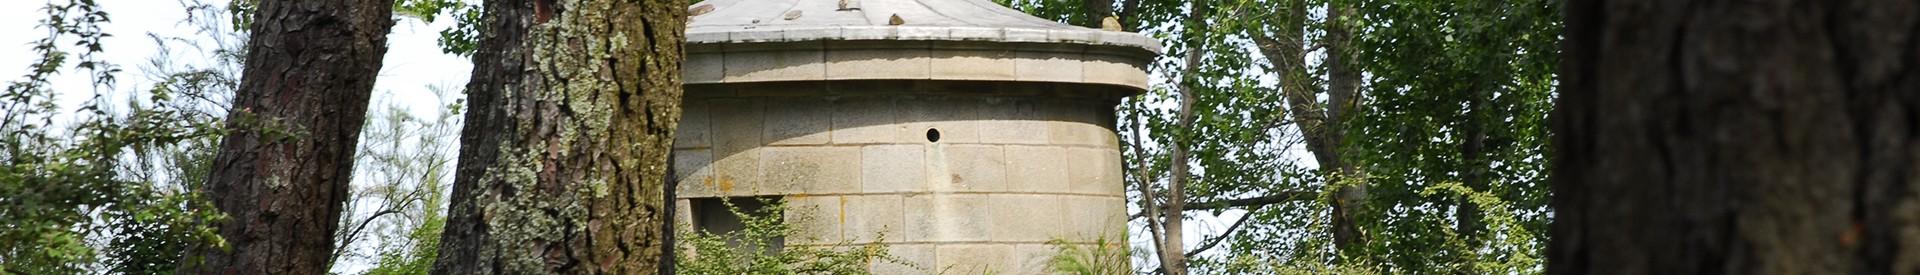 tour-pierre-oeil-paimboeuf-129